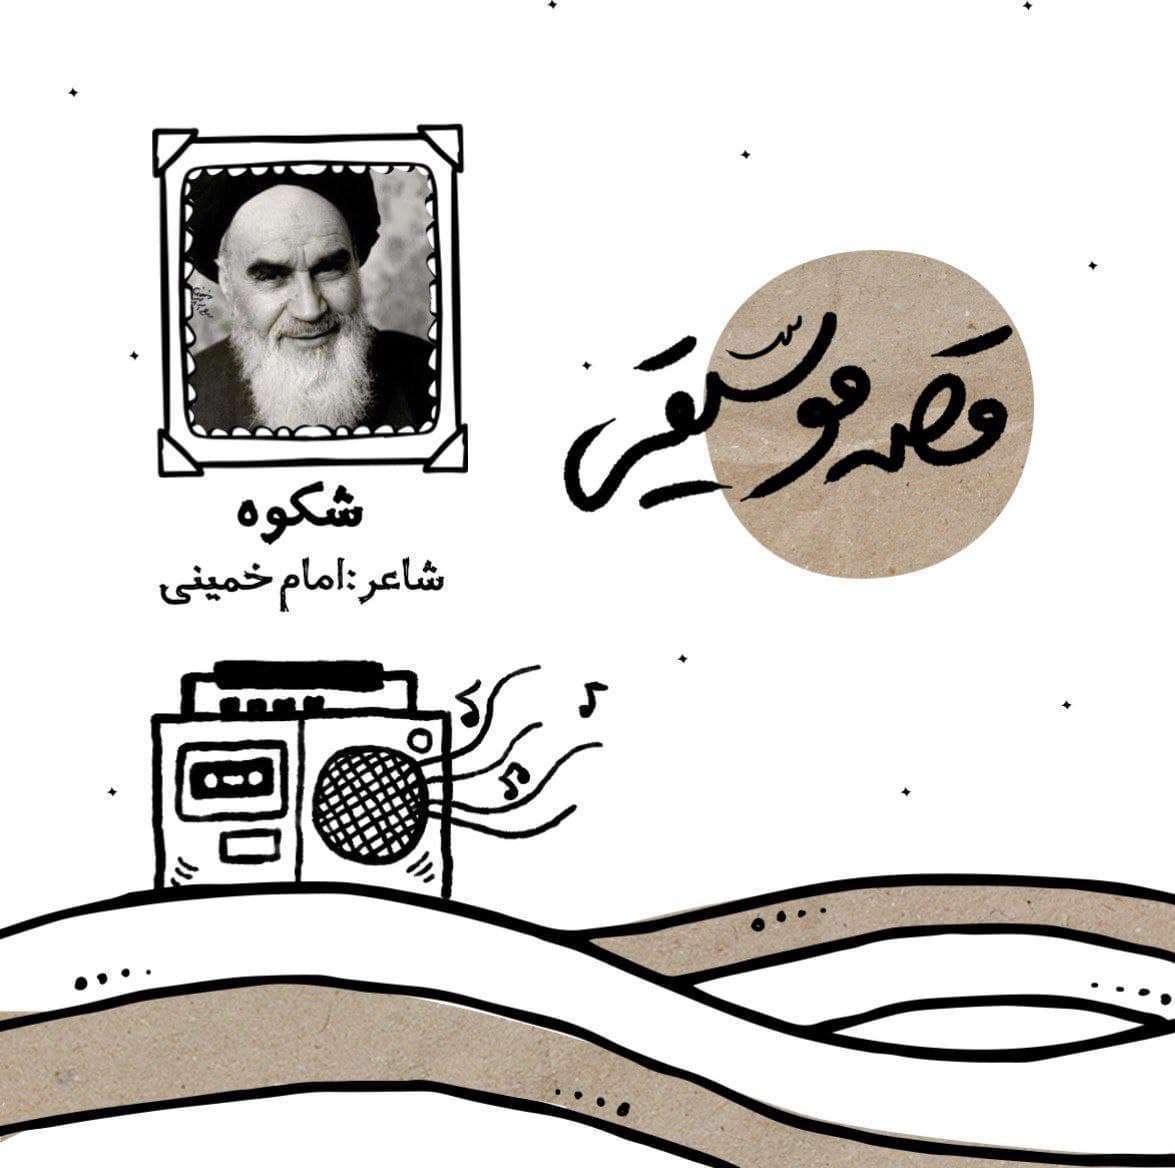 قصه موسیقی هایی که در رحلت امام خمینی ساخته شدند